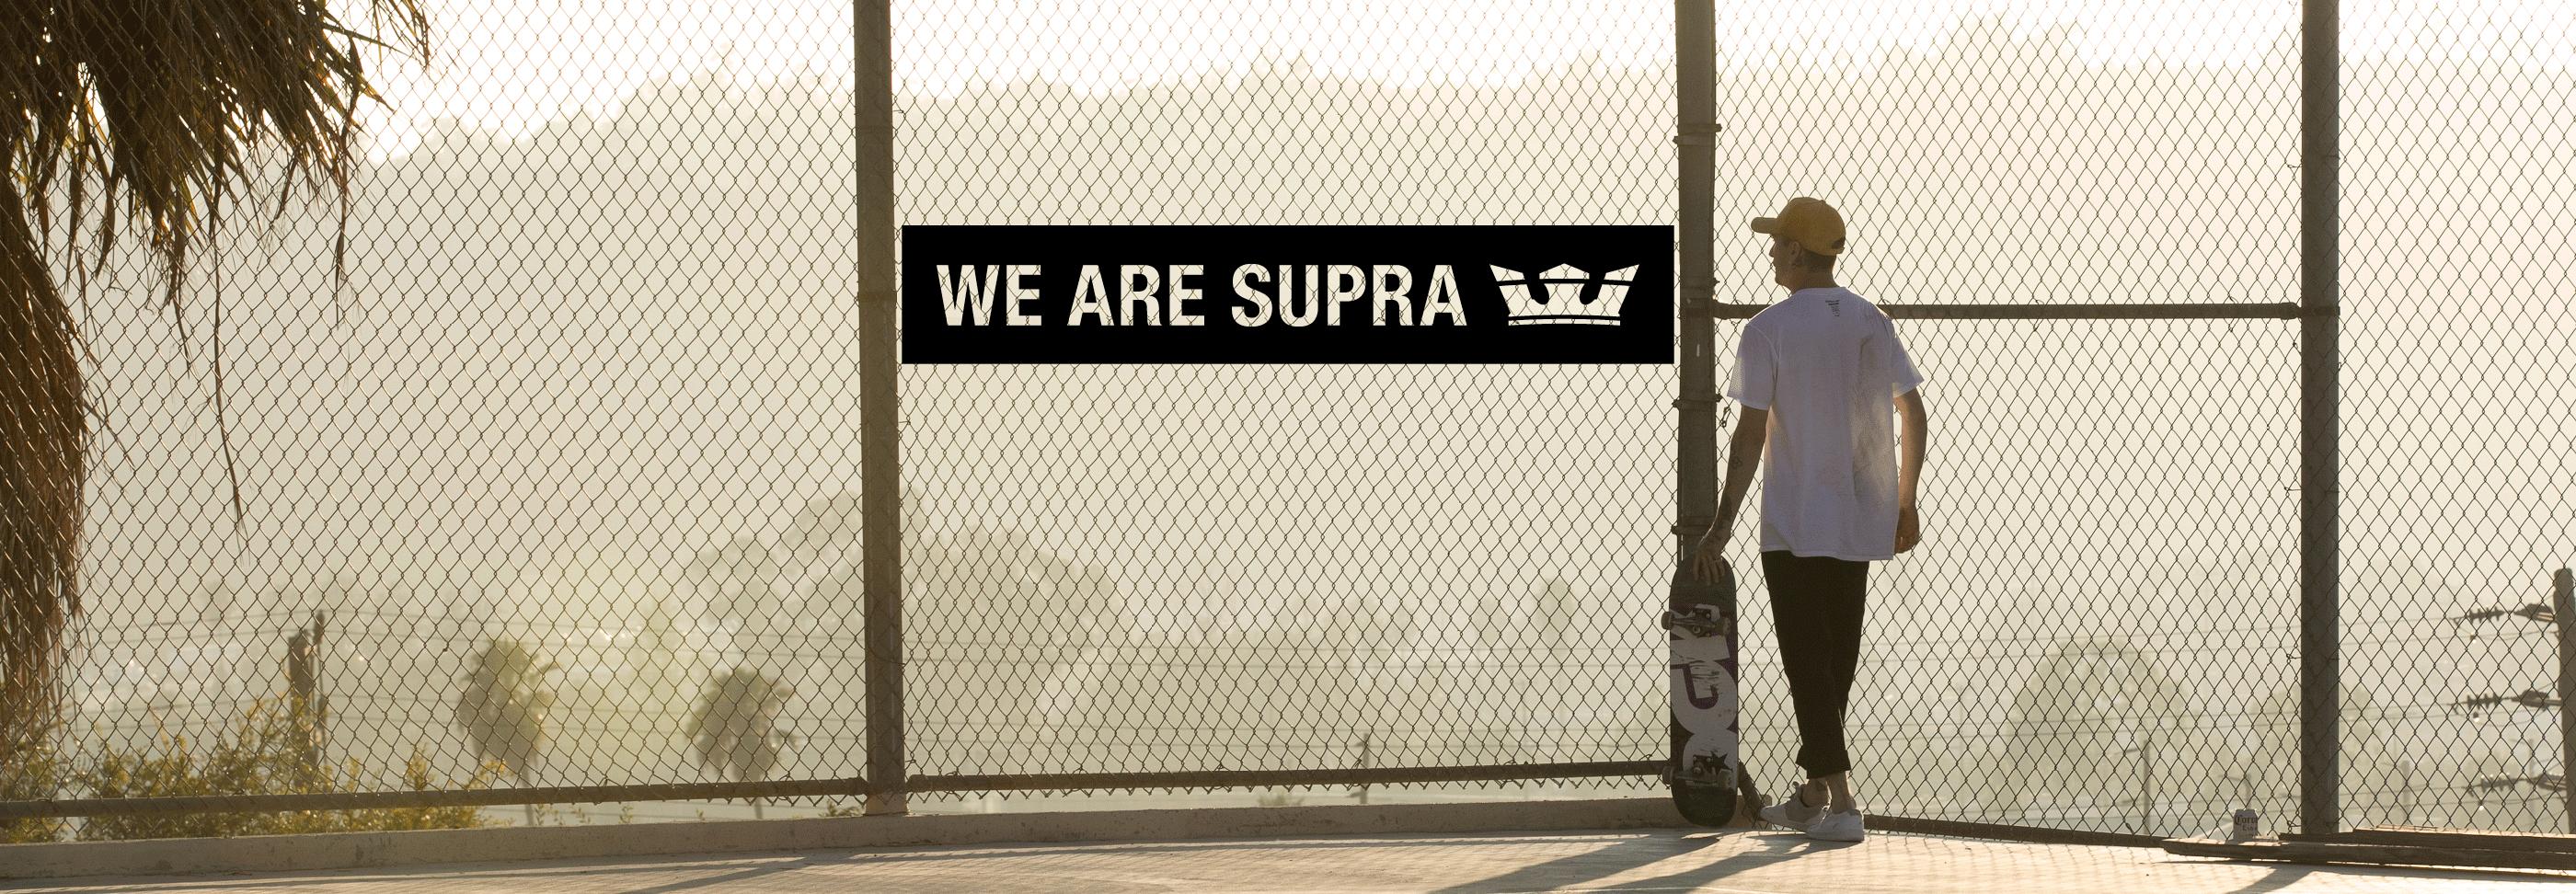 WE ARE SUPRA